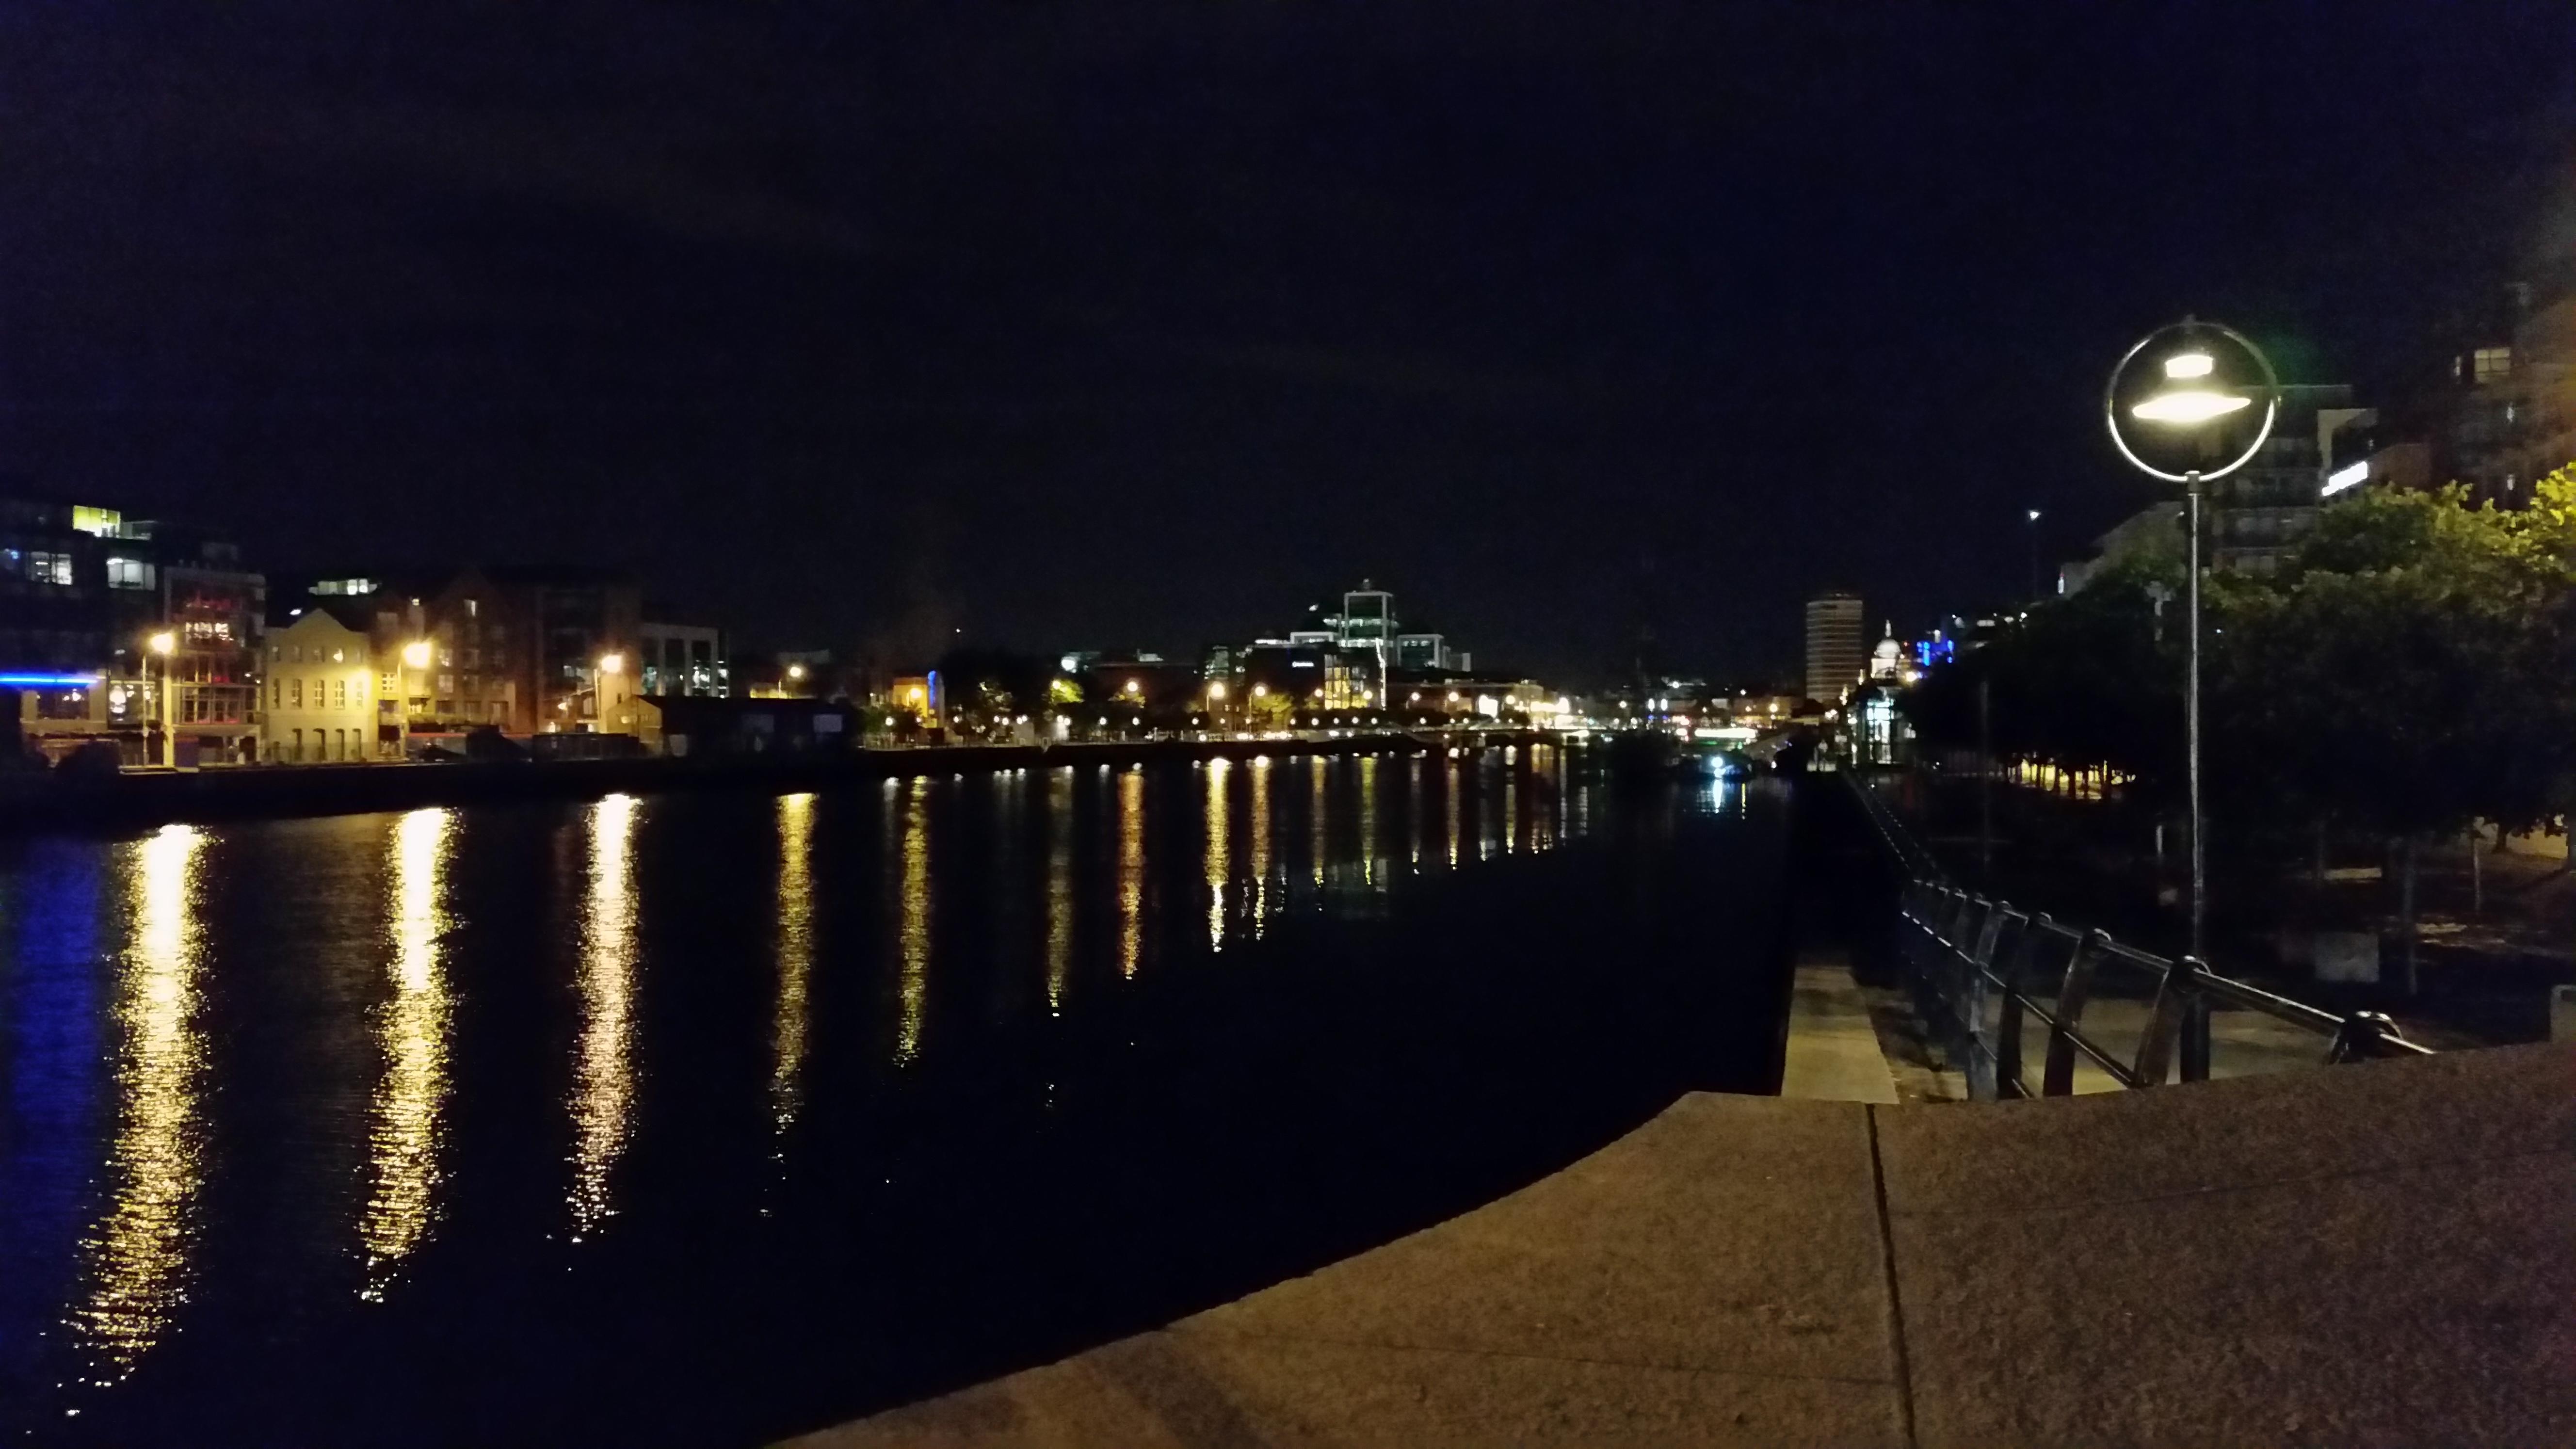 dublin_at_night.jpg